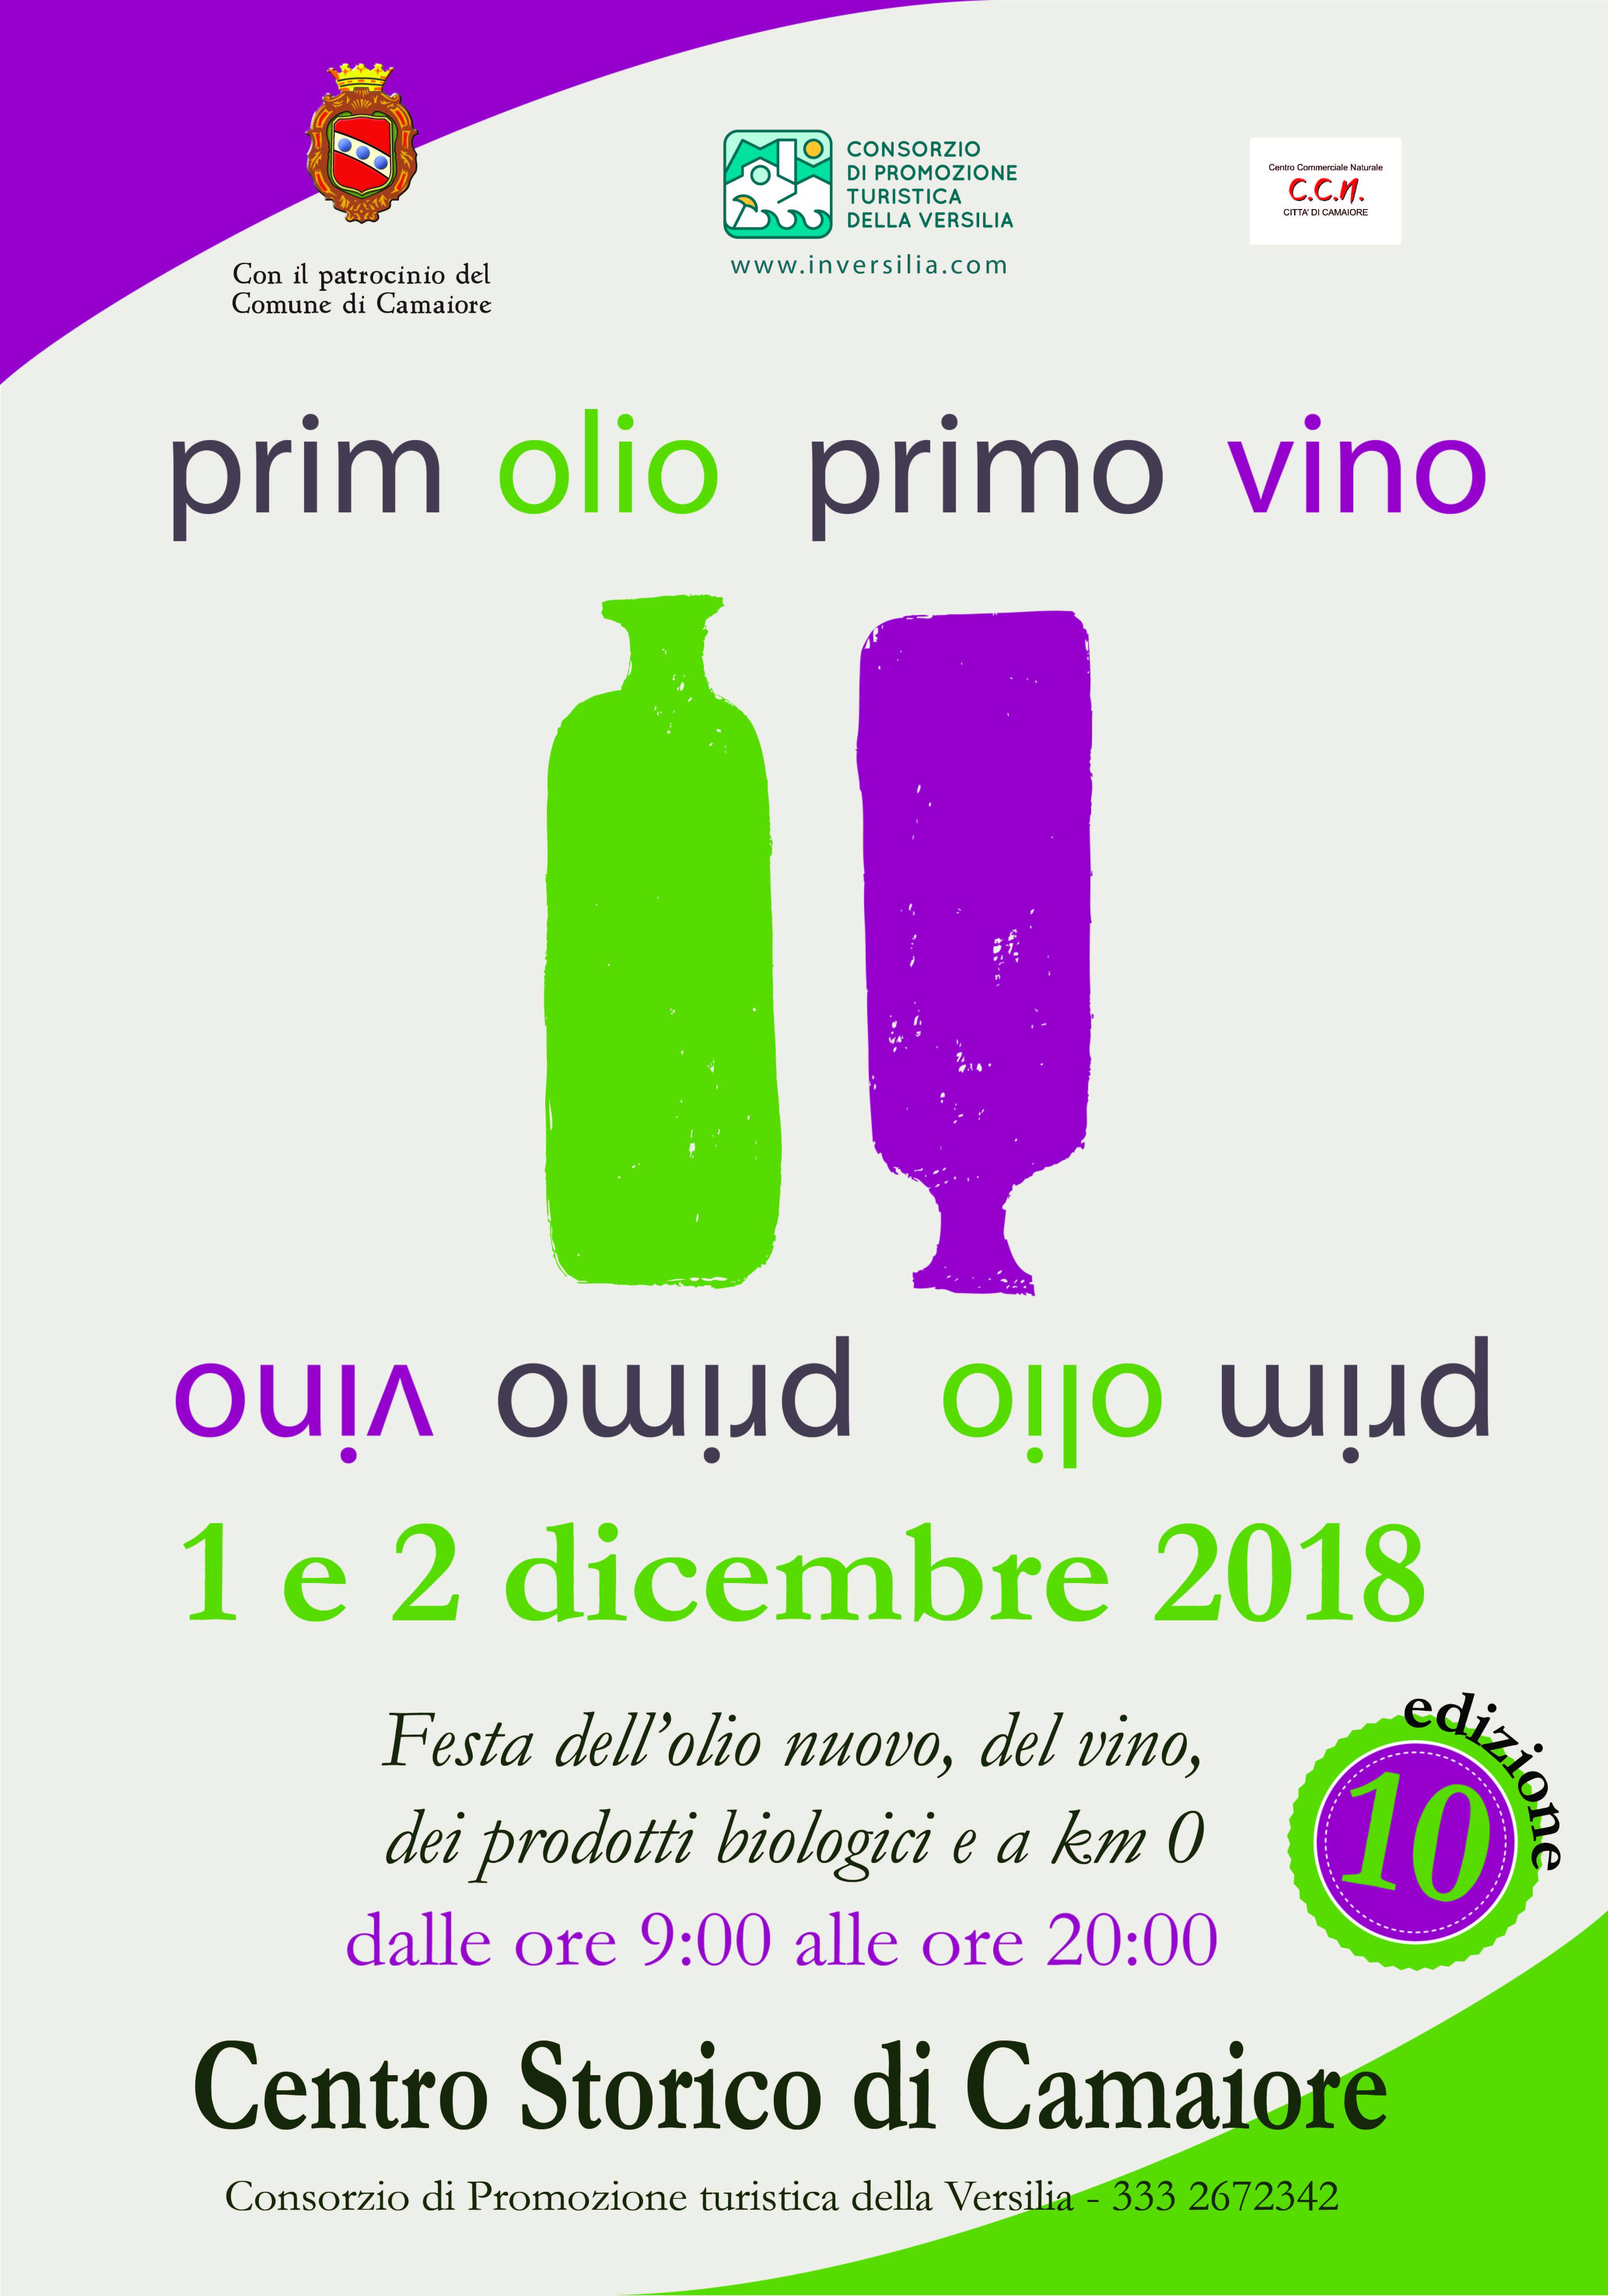 Sapori d'autunno in festa a Prim'olio Primovino - 1 e 2 dicembre a Camaiore